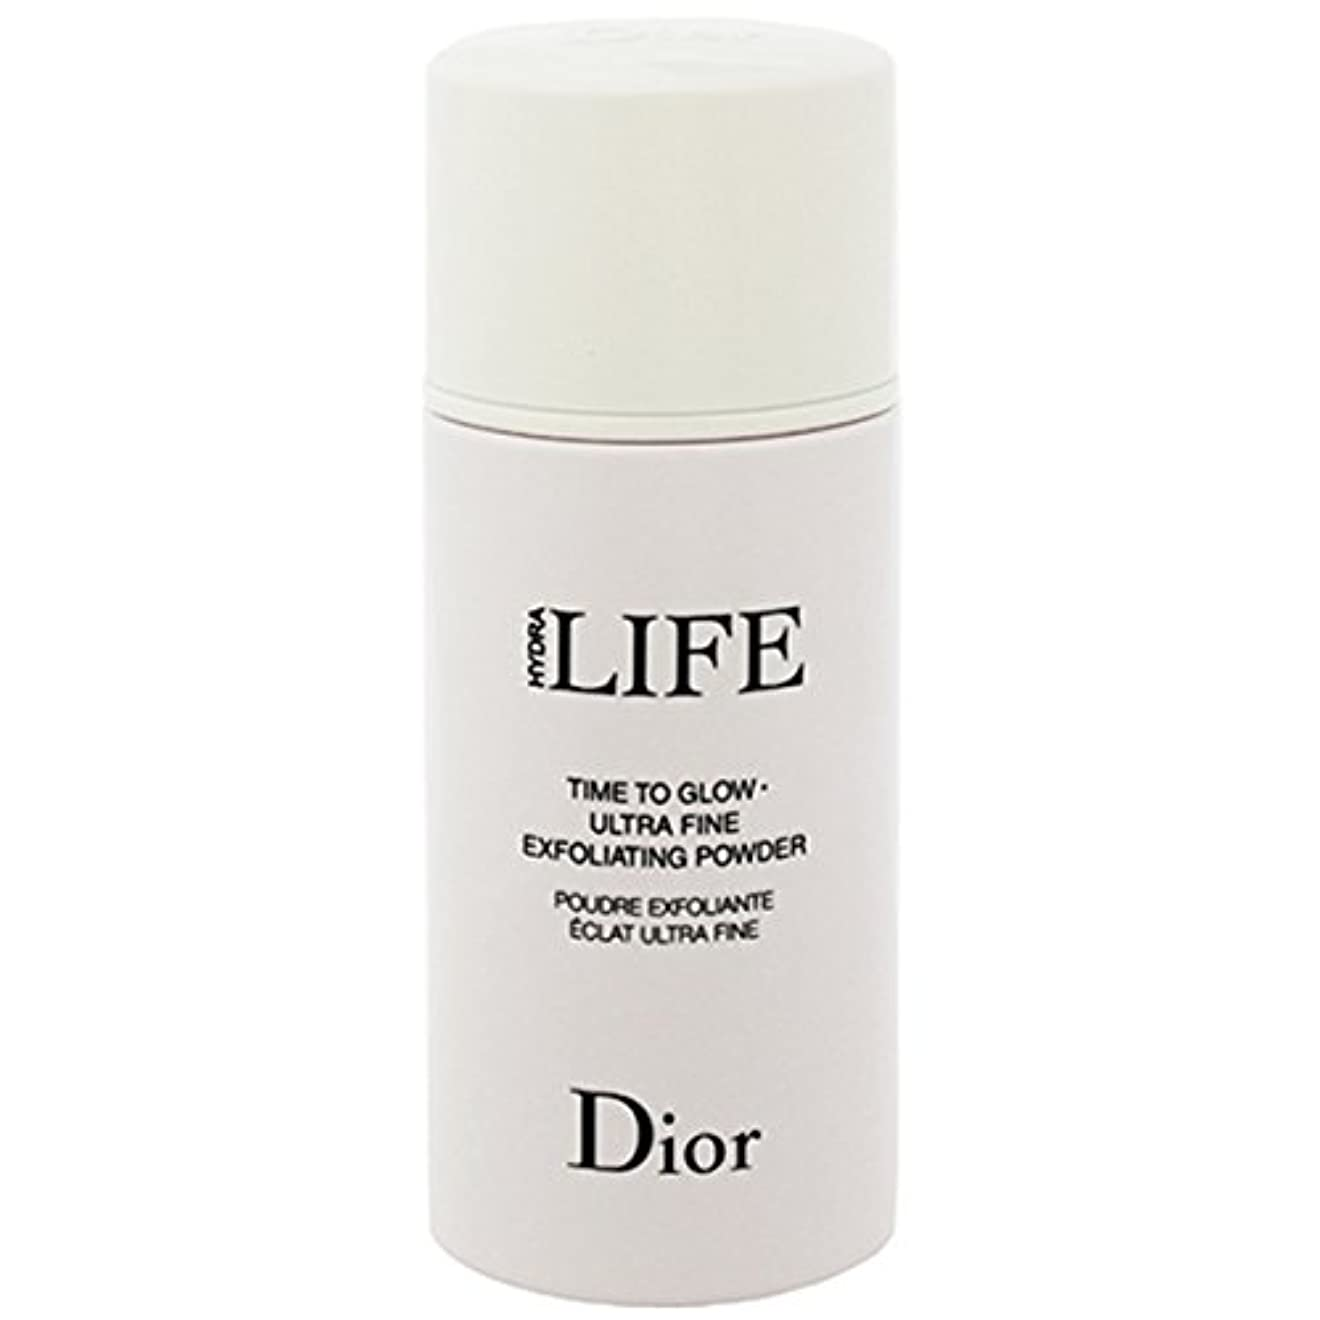 抑制せせらぎ更新クリスチャンディオール Christian Dior ライフ ポリッシュ パウダー 40g 【並行輸入品】